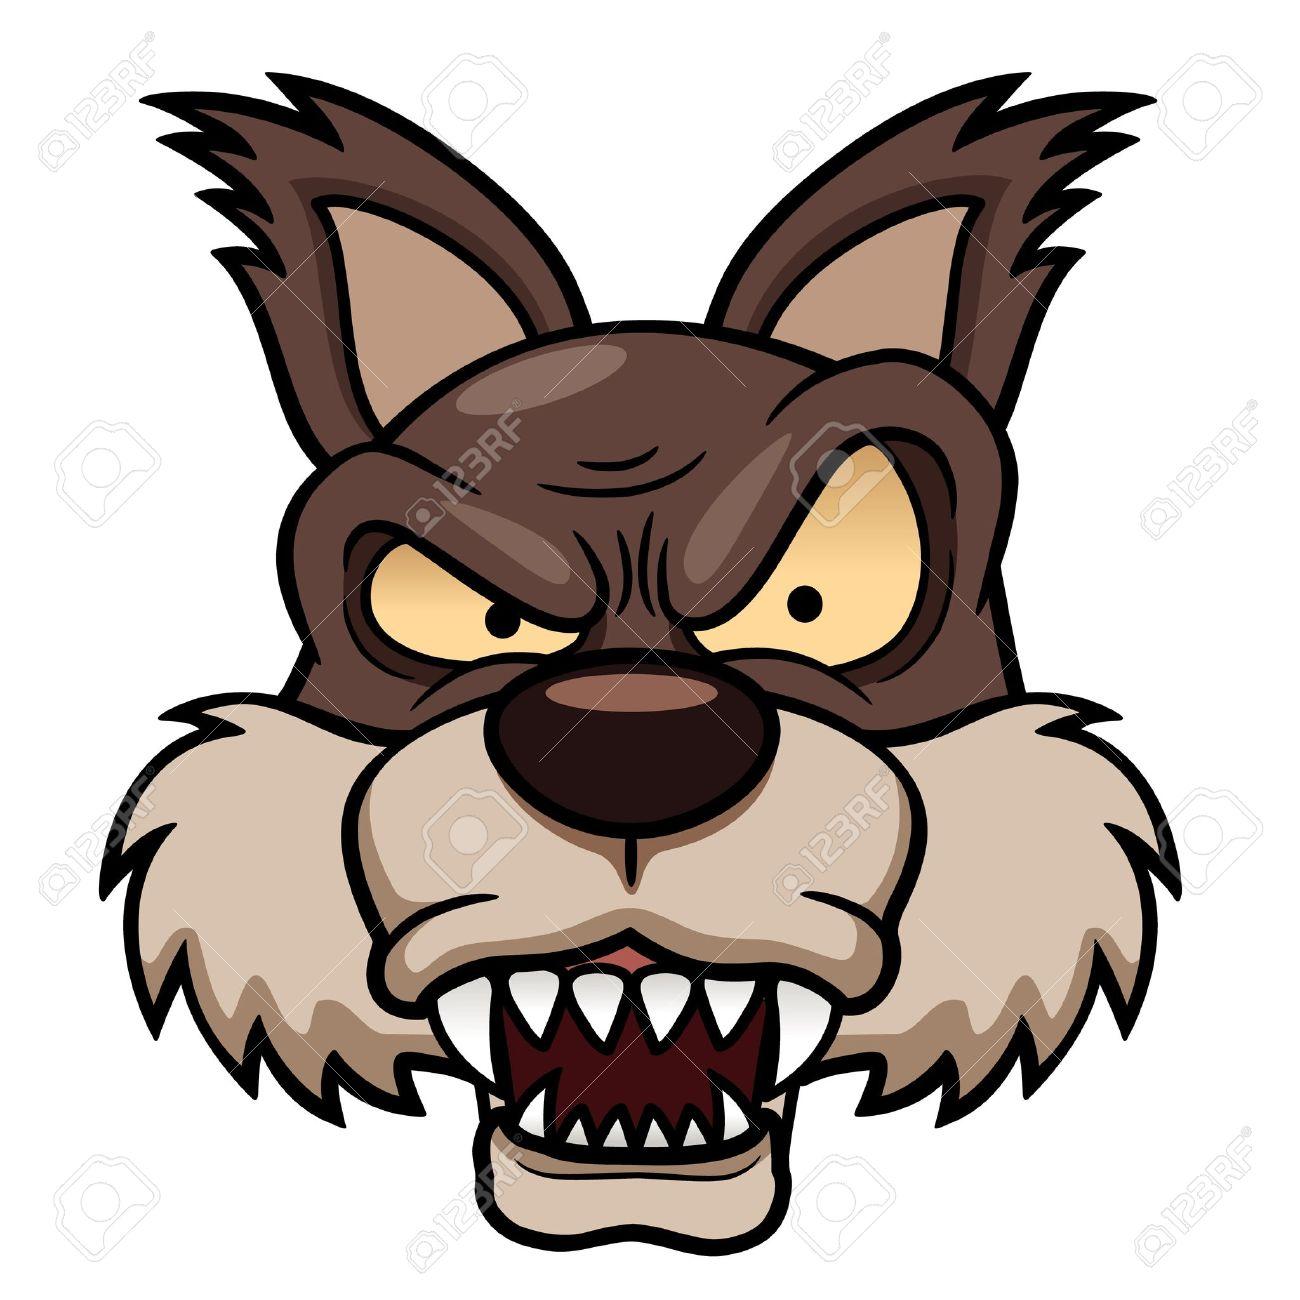 漫画のオオカミの顔のイラストのイラスト素材ベクタ Image 18000129